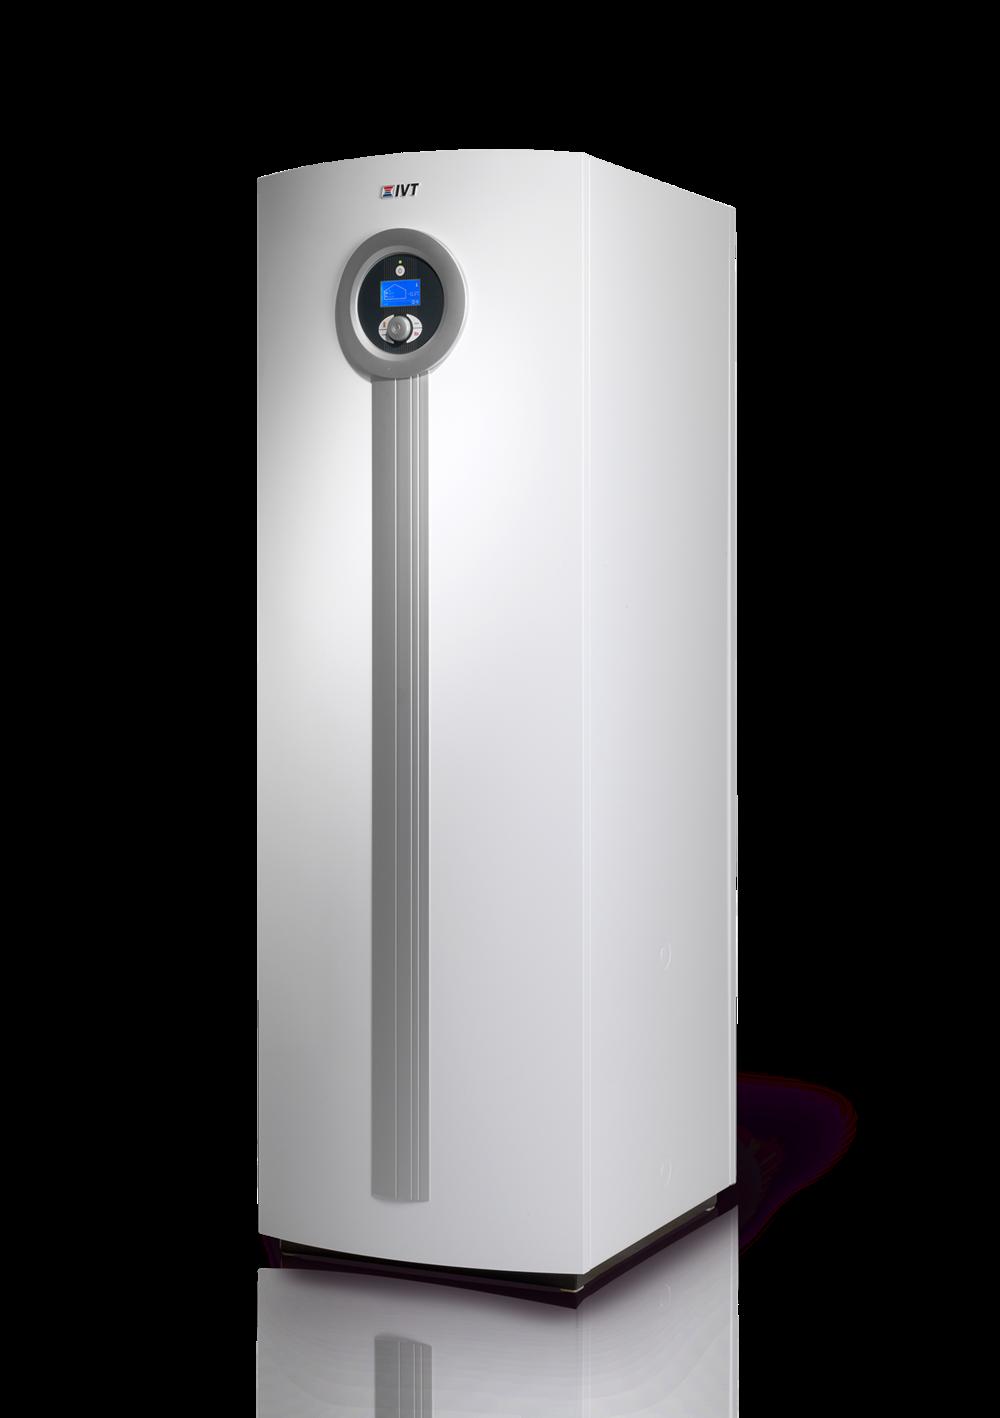 IVT AirX Air Source Heat Pump